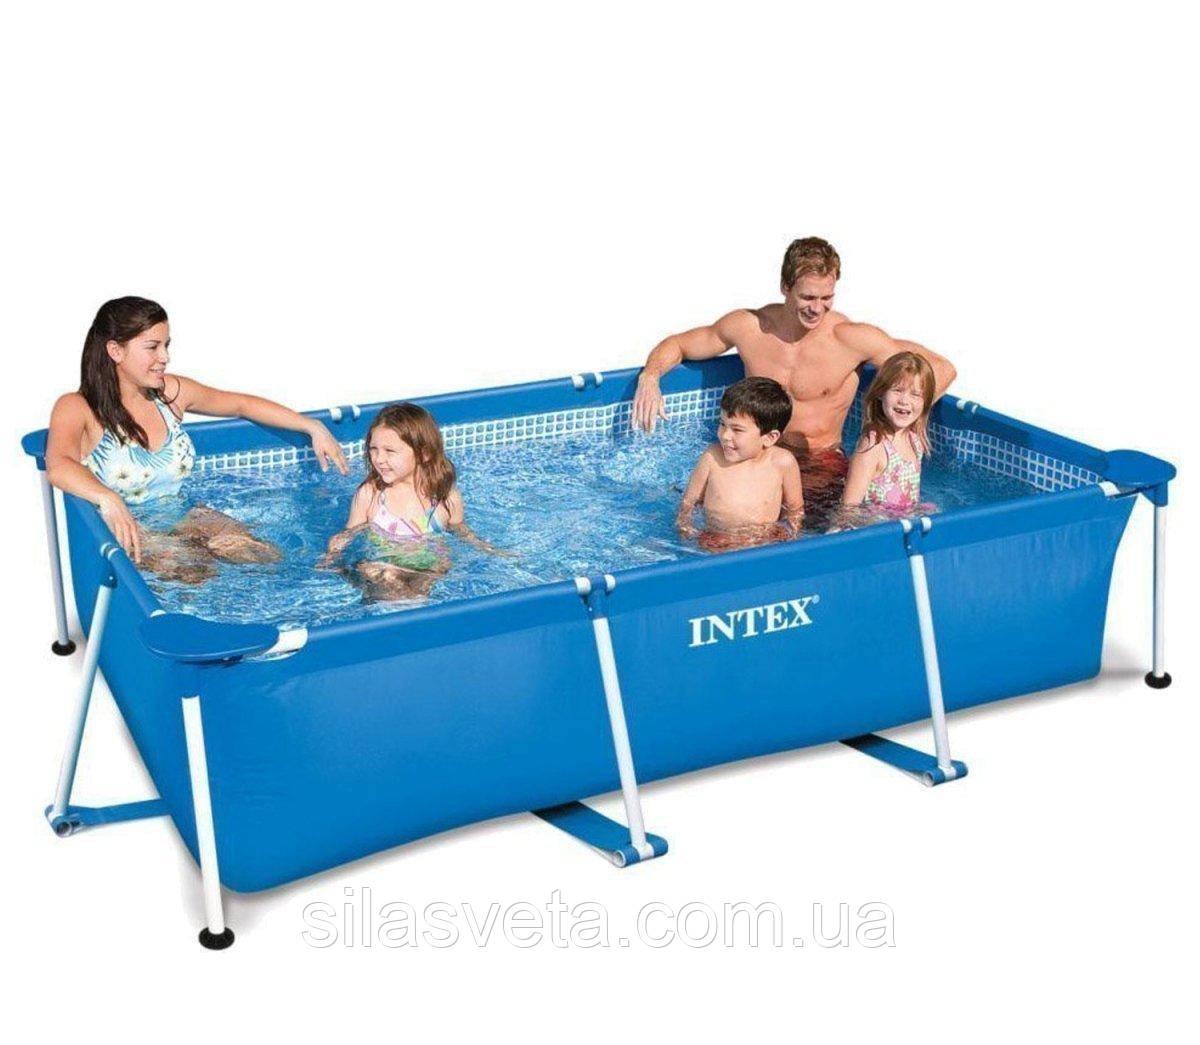 Каркасный прямоугольный бассейн, Intex 28271 (260х160х65 см.) объём 2882 л.